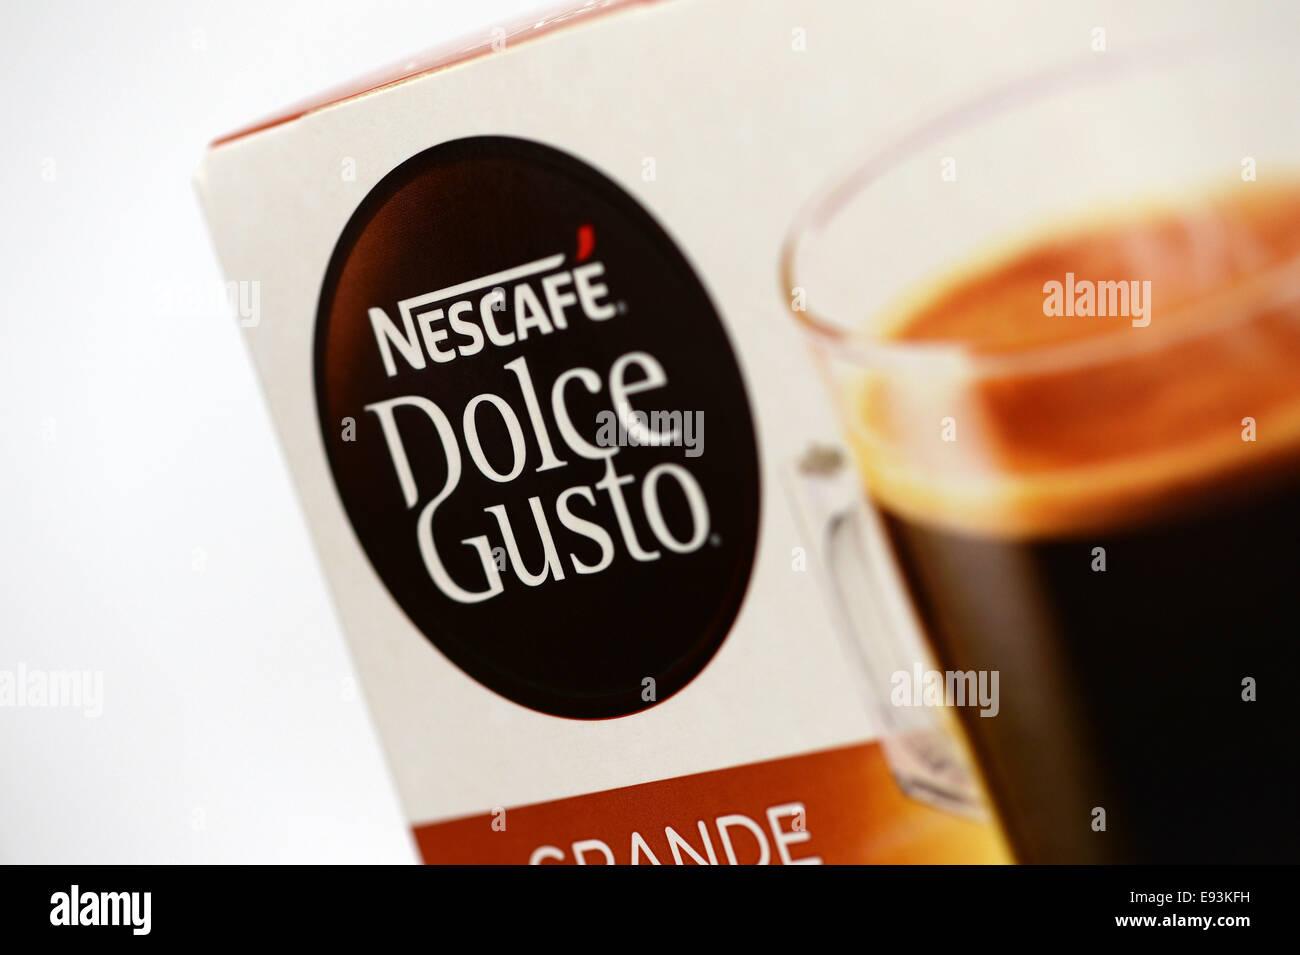 Nescafe Dolce Gusto Kaffee Pod-system Stockbild